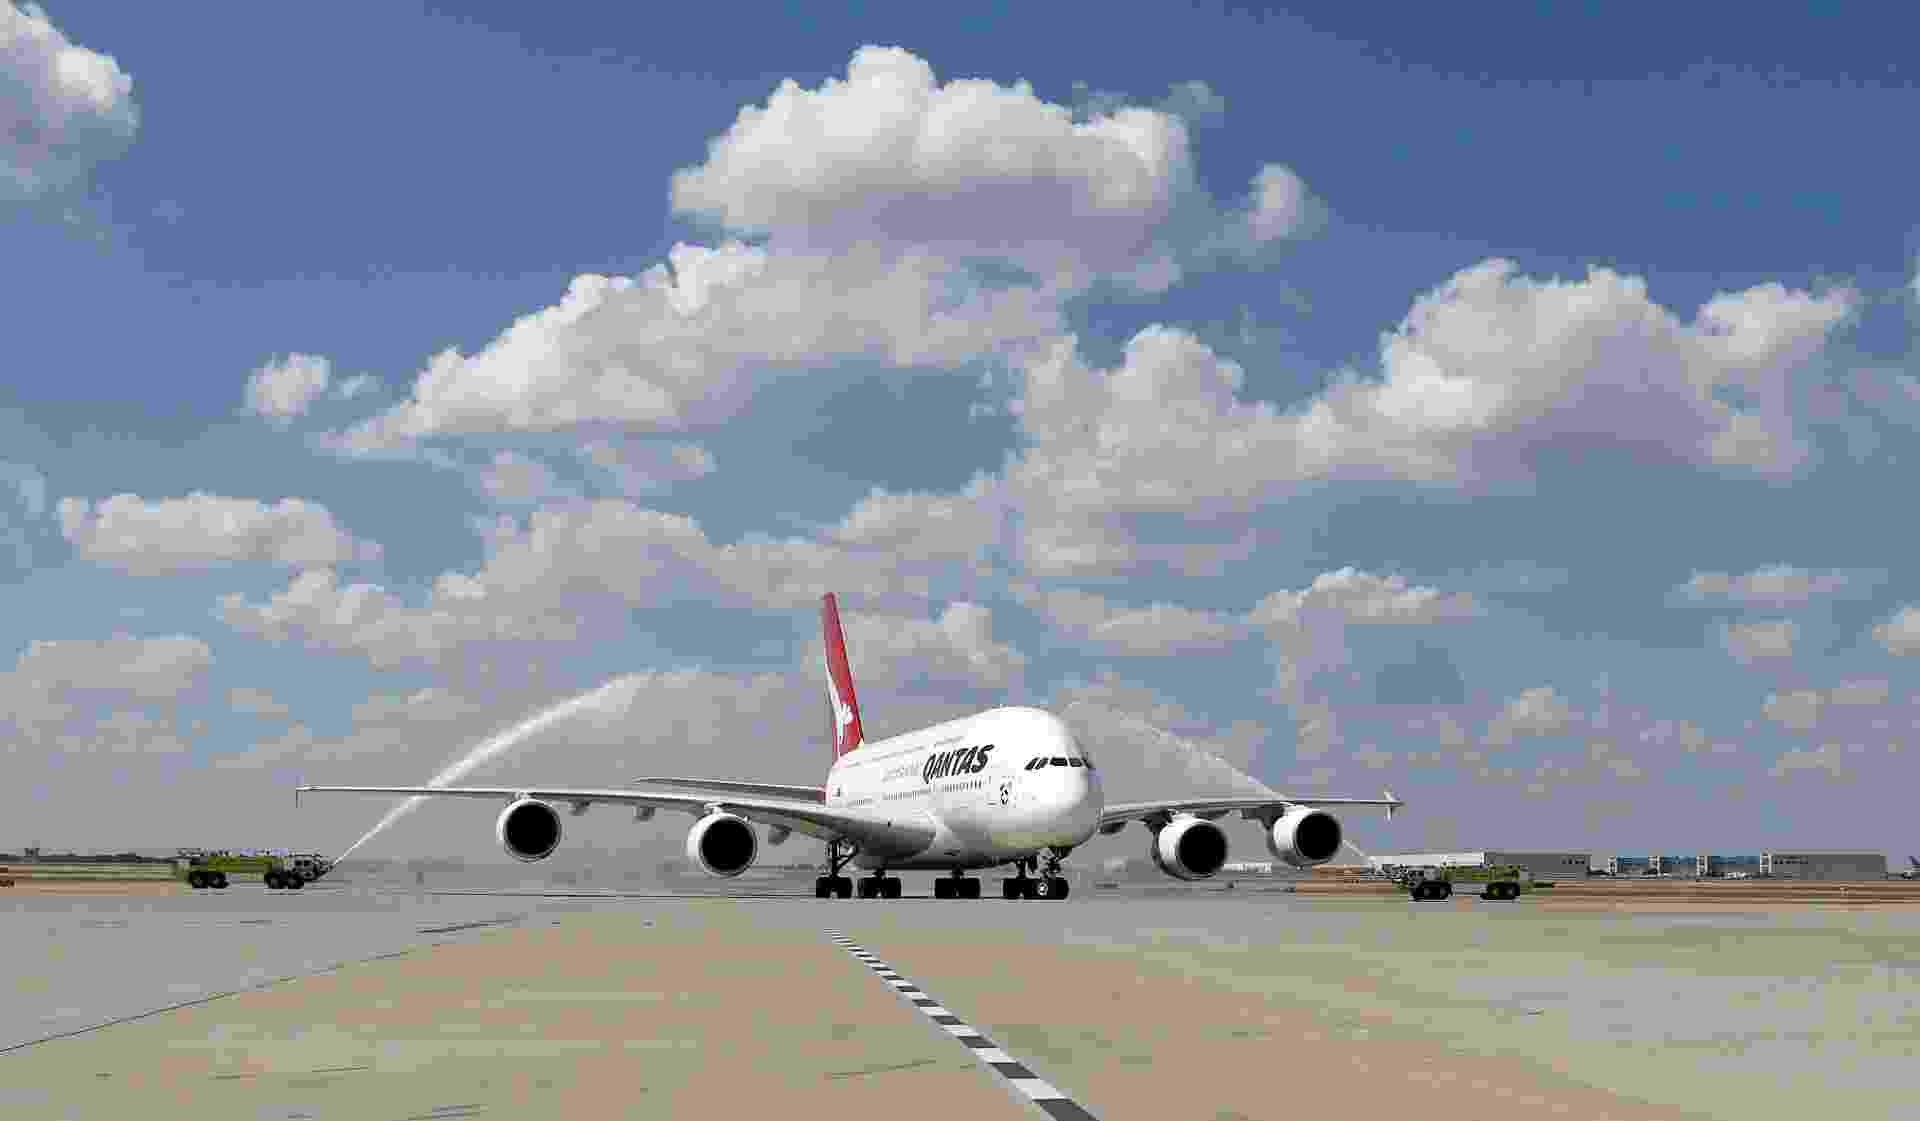 O Airbus A380, maior avião comercial do mundo, começou a operar a rota entre Sydney, na Austrália, e Dallas/Fort Worth, nos Estados Unidos. Antes, o trajeto era feito pela Qantas Airlines em um Boeing 747 - Divulgação/Qantas Airlines